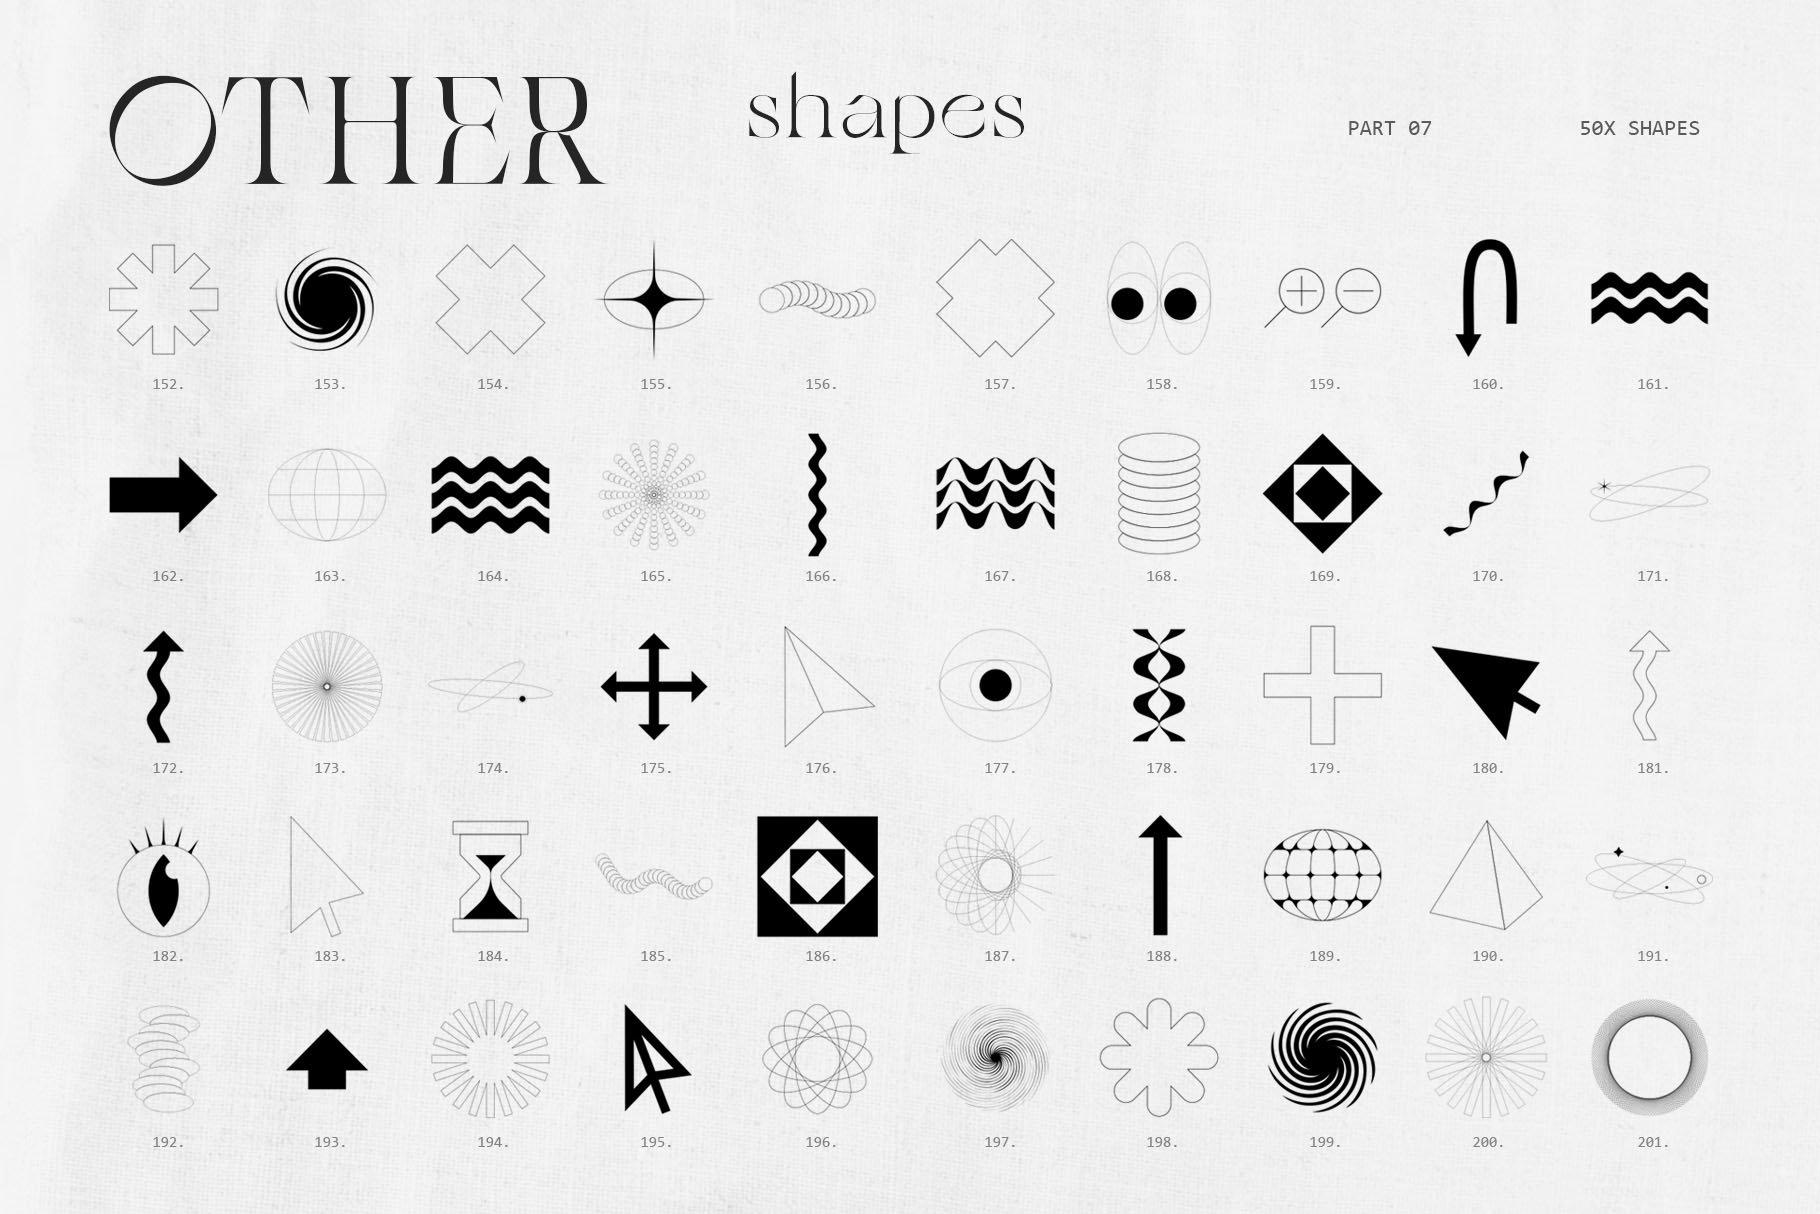 [淘宝购买] 潮流抽象几何形状渐变背景粗糙纹理海报背景设计素材套装 Inartflow – Shapes And Textures插图8